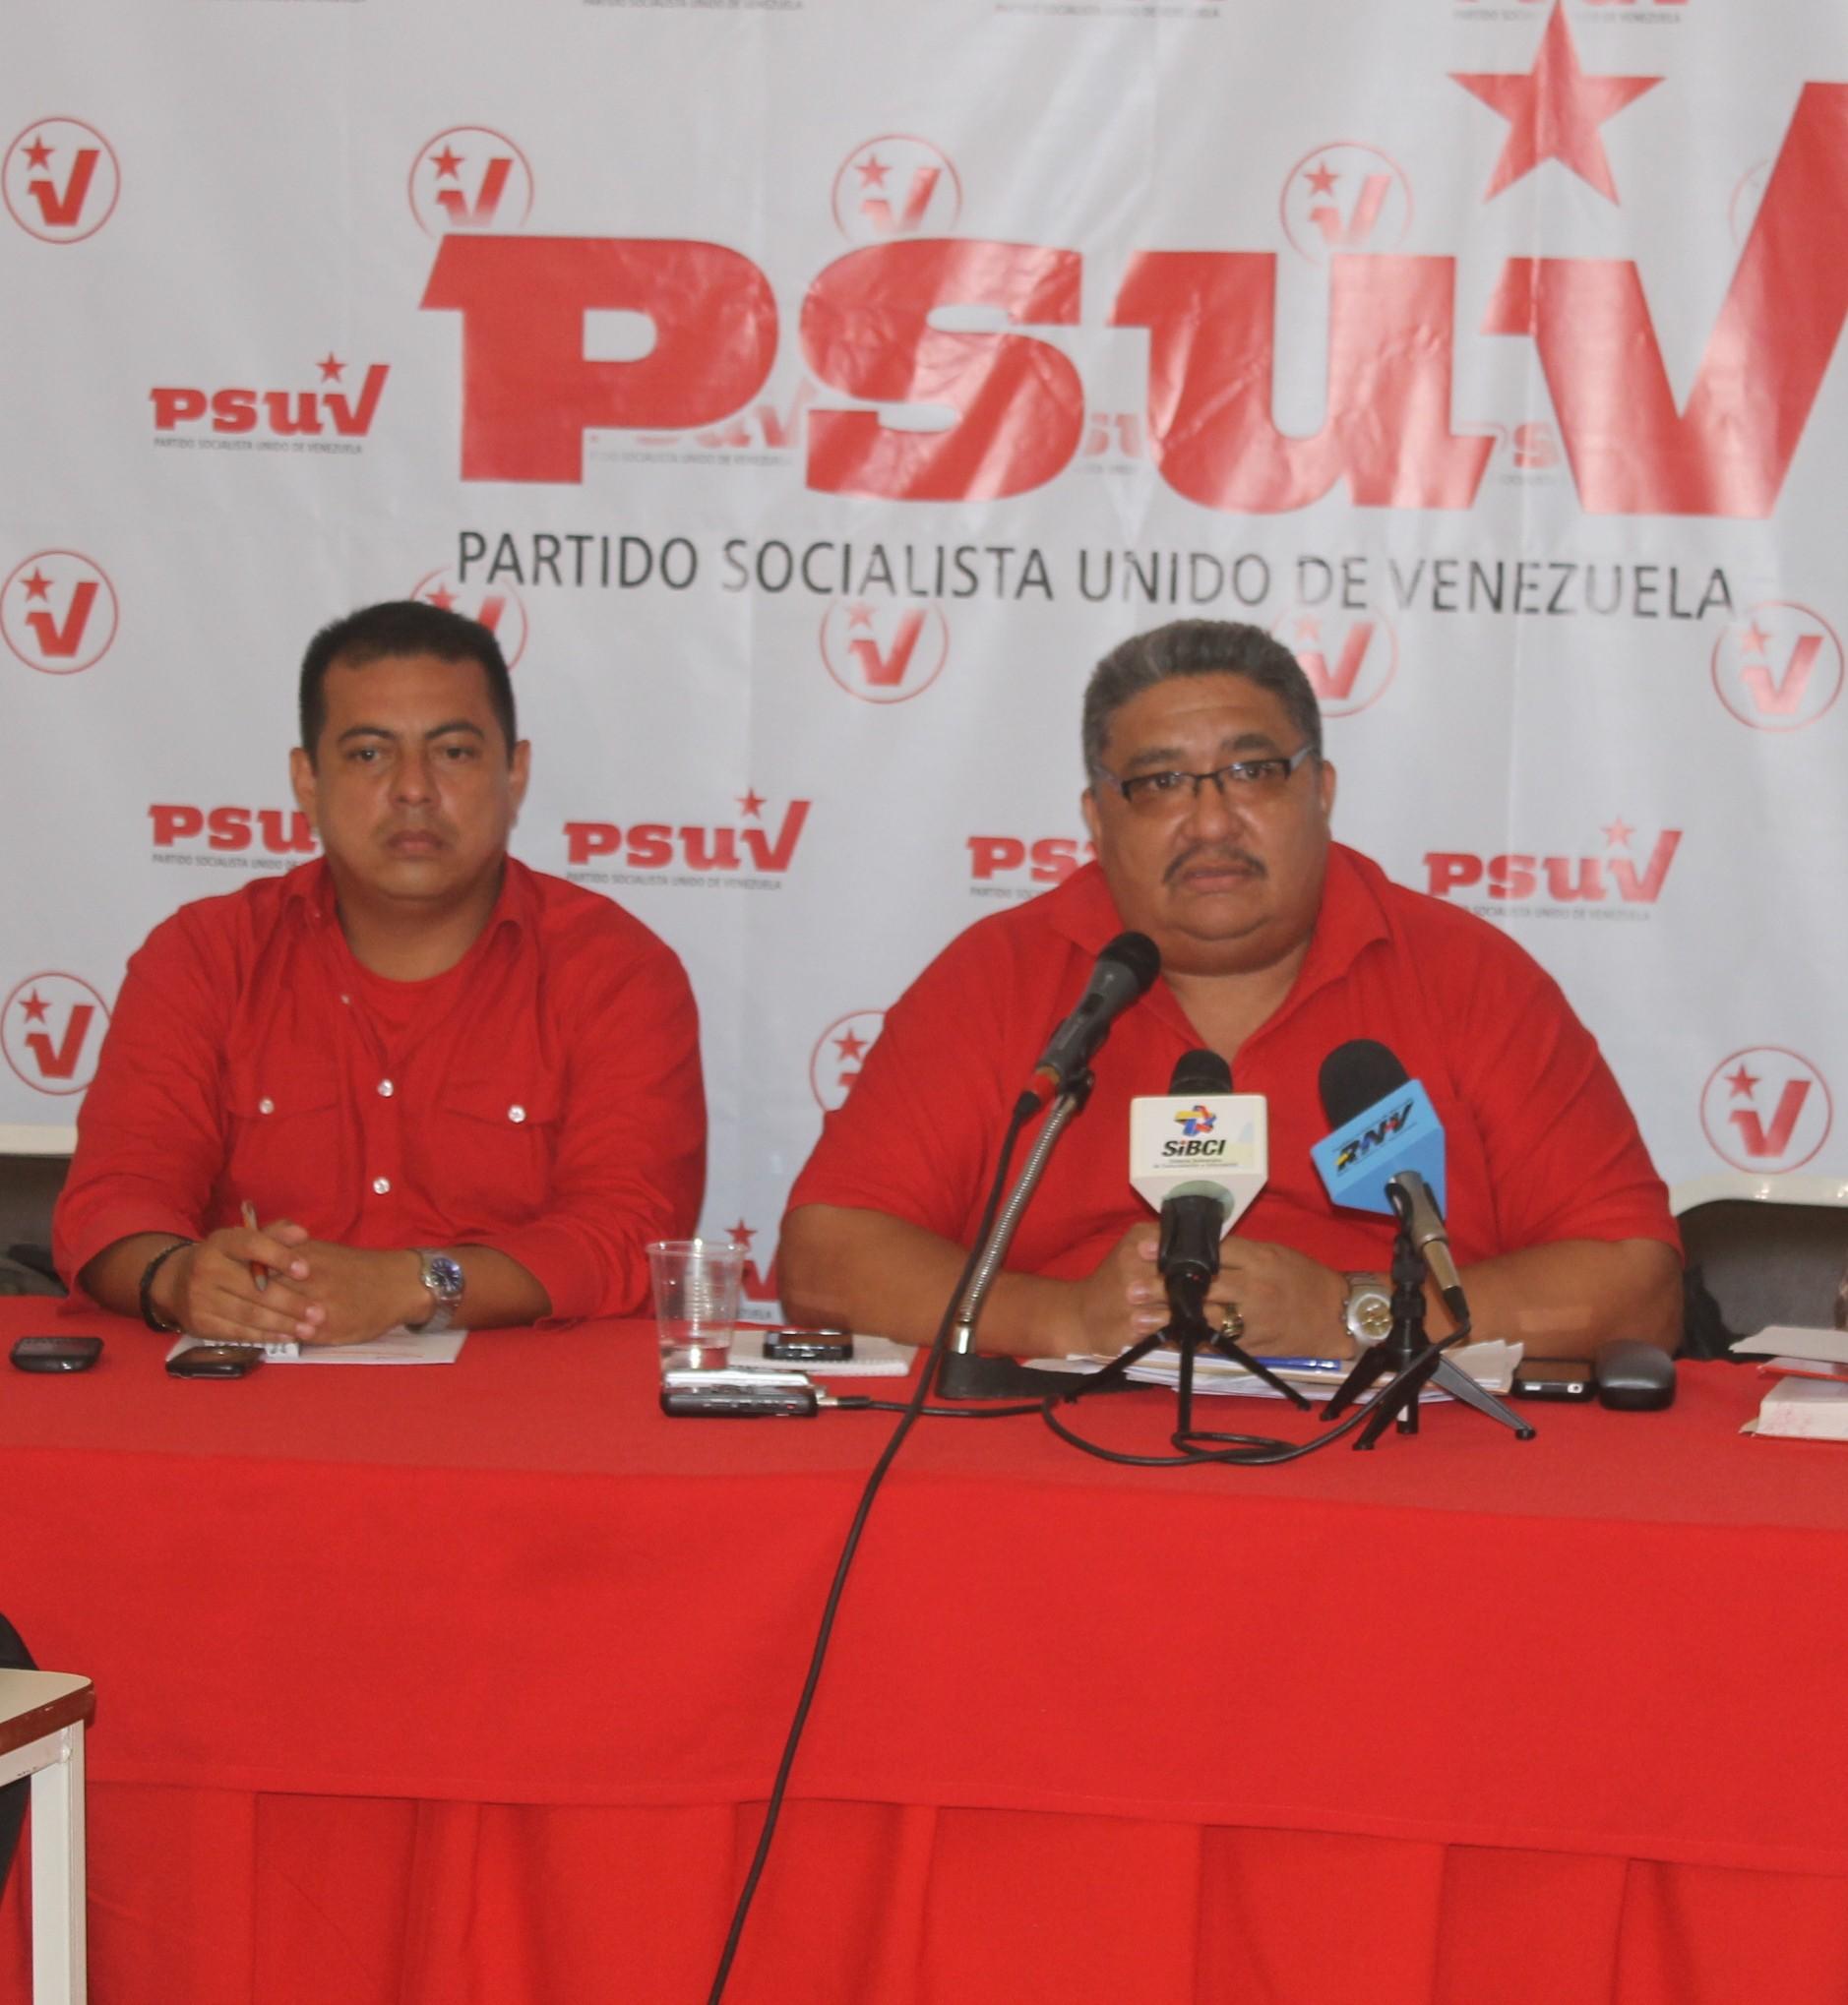 29.07.13 PSUV rueda de prensa 038